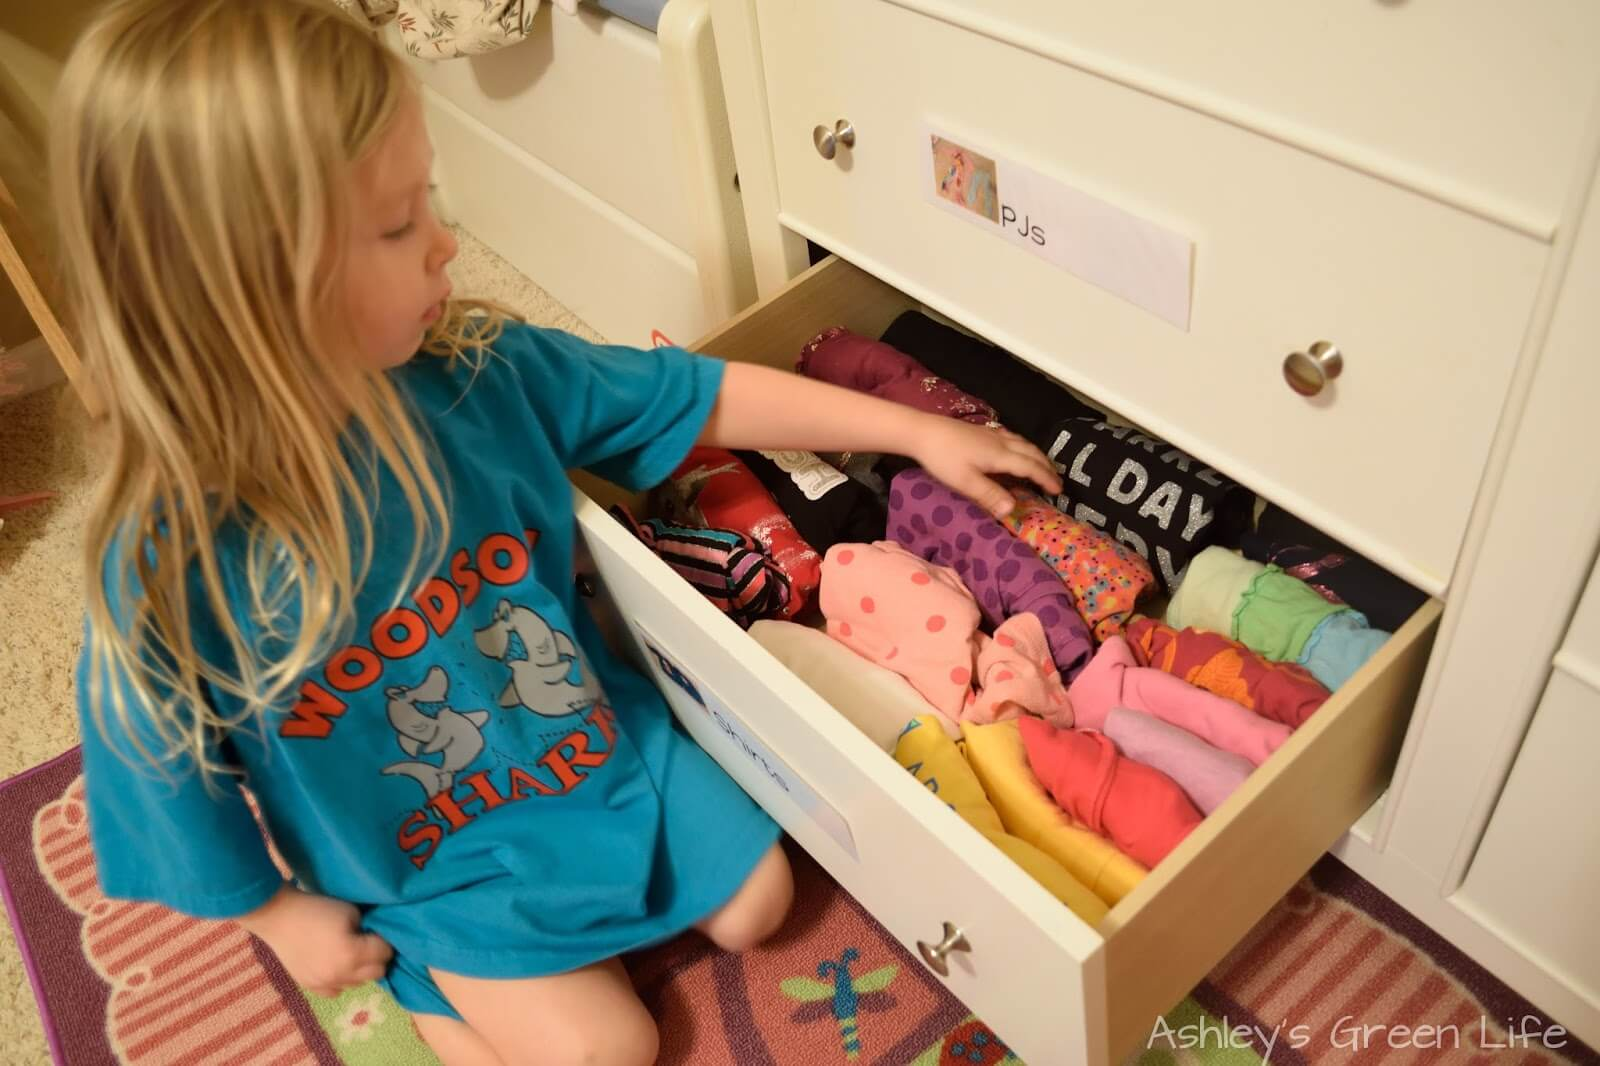 Cuộn tròn quần áo sẽ giúp dễ dàng lấy ra